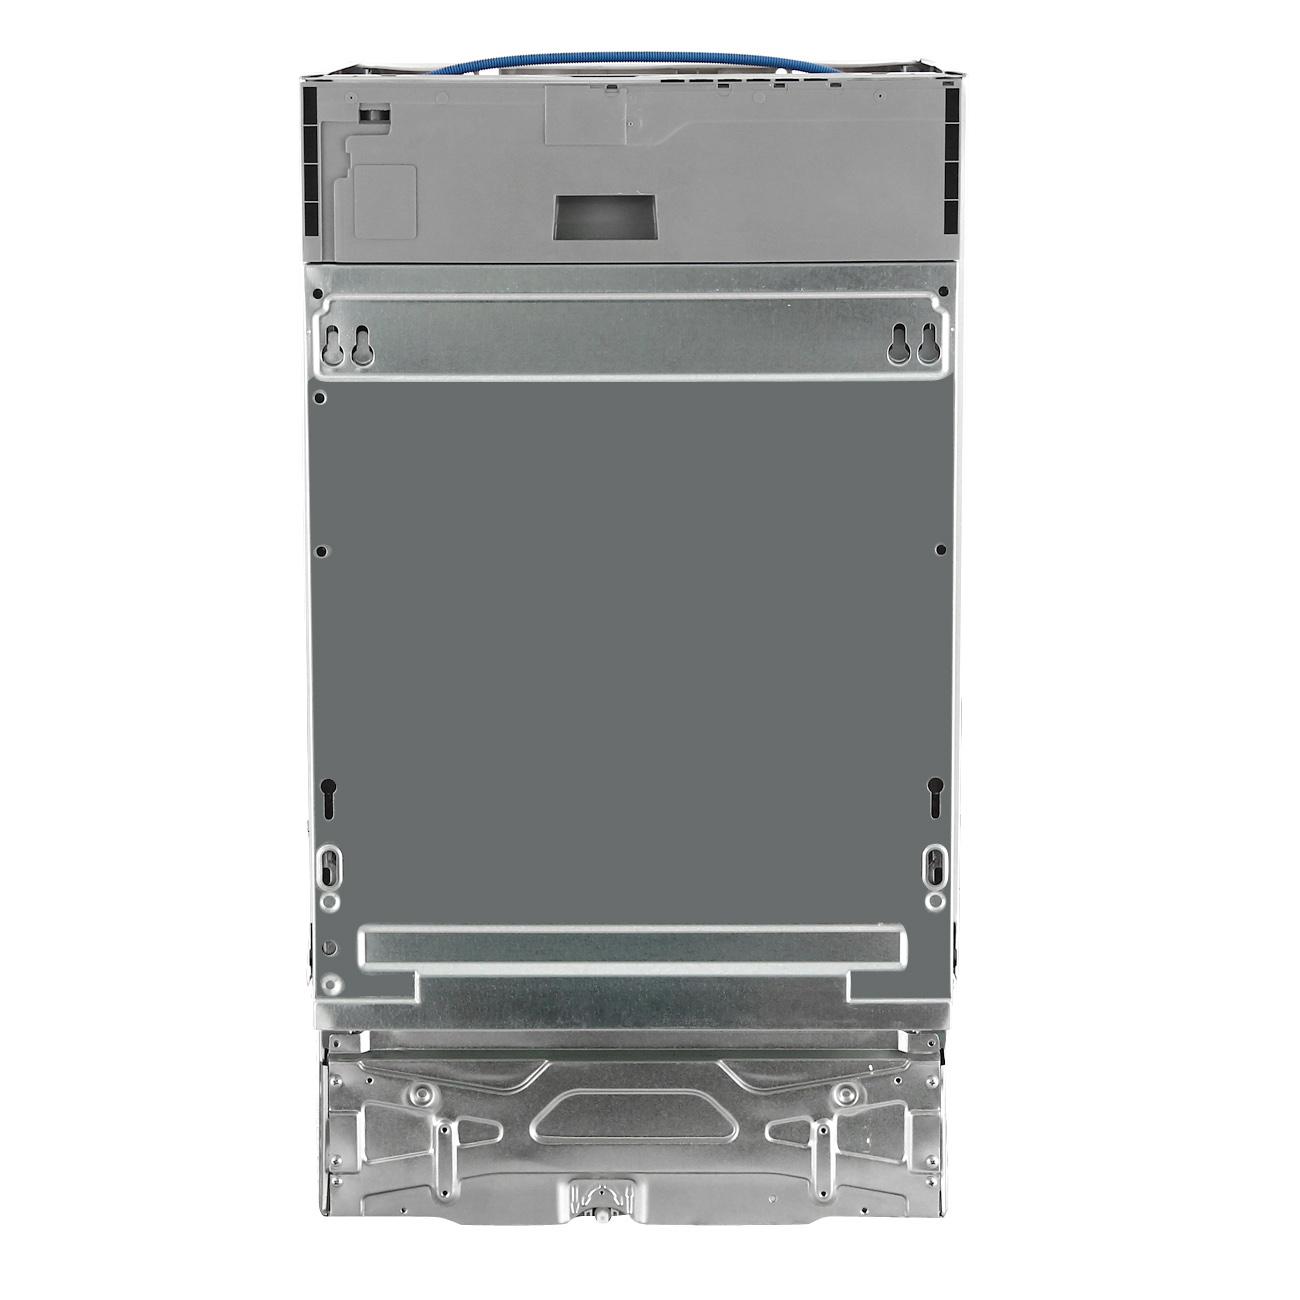 Посудомойка ELECTROLUX ESL94300LA готовая к установке